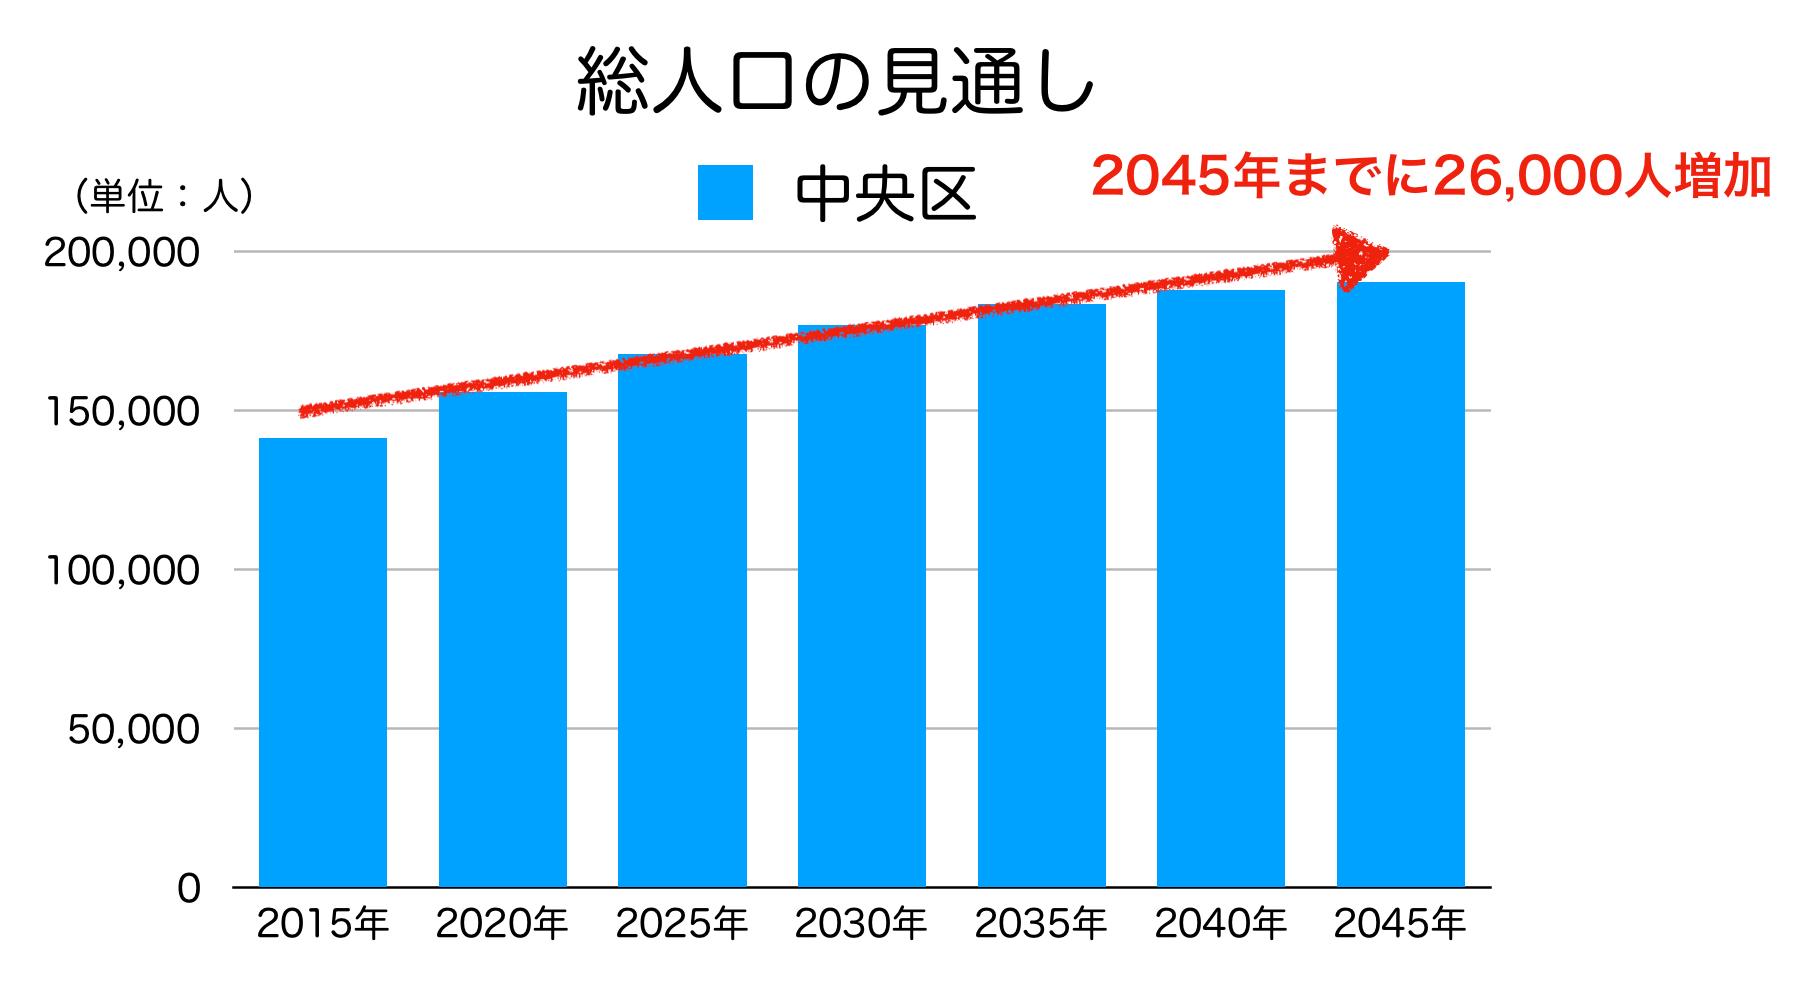 中央区の人口予測